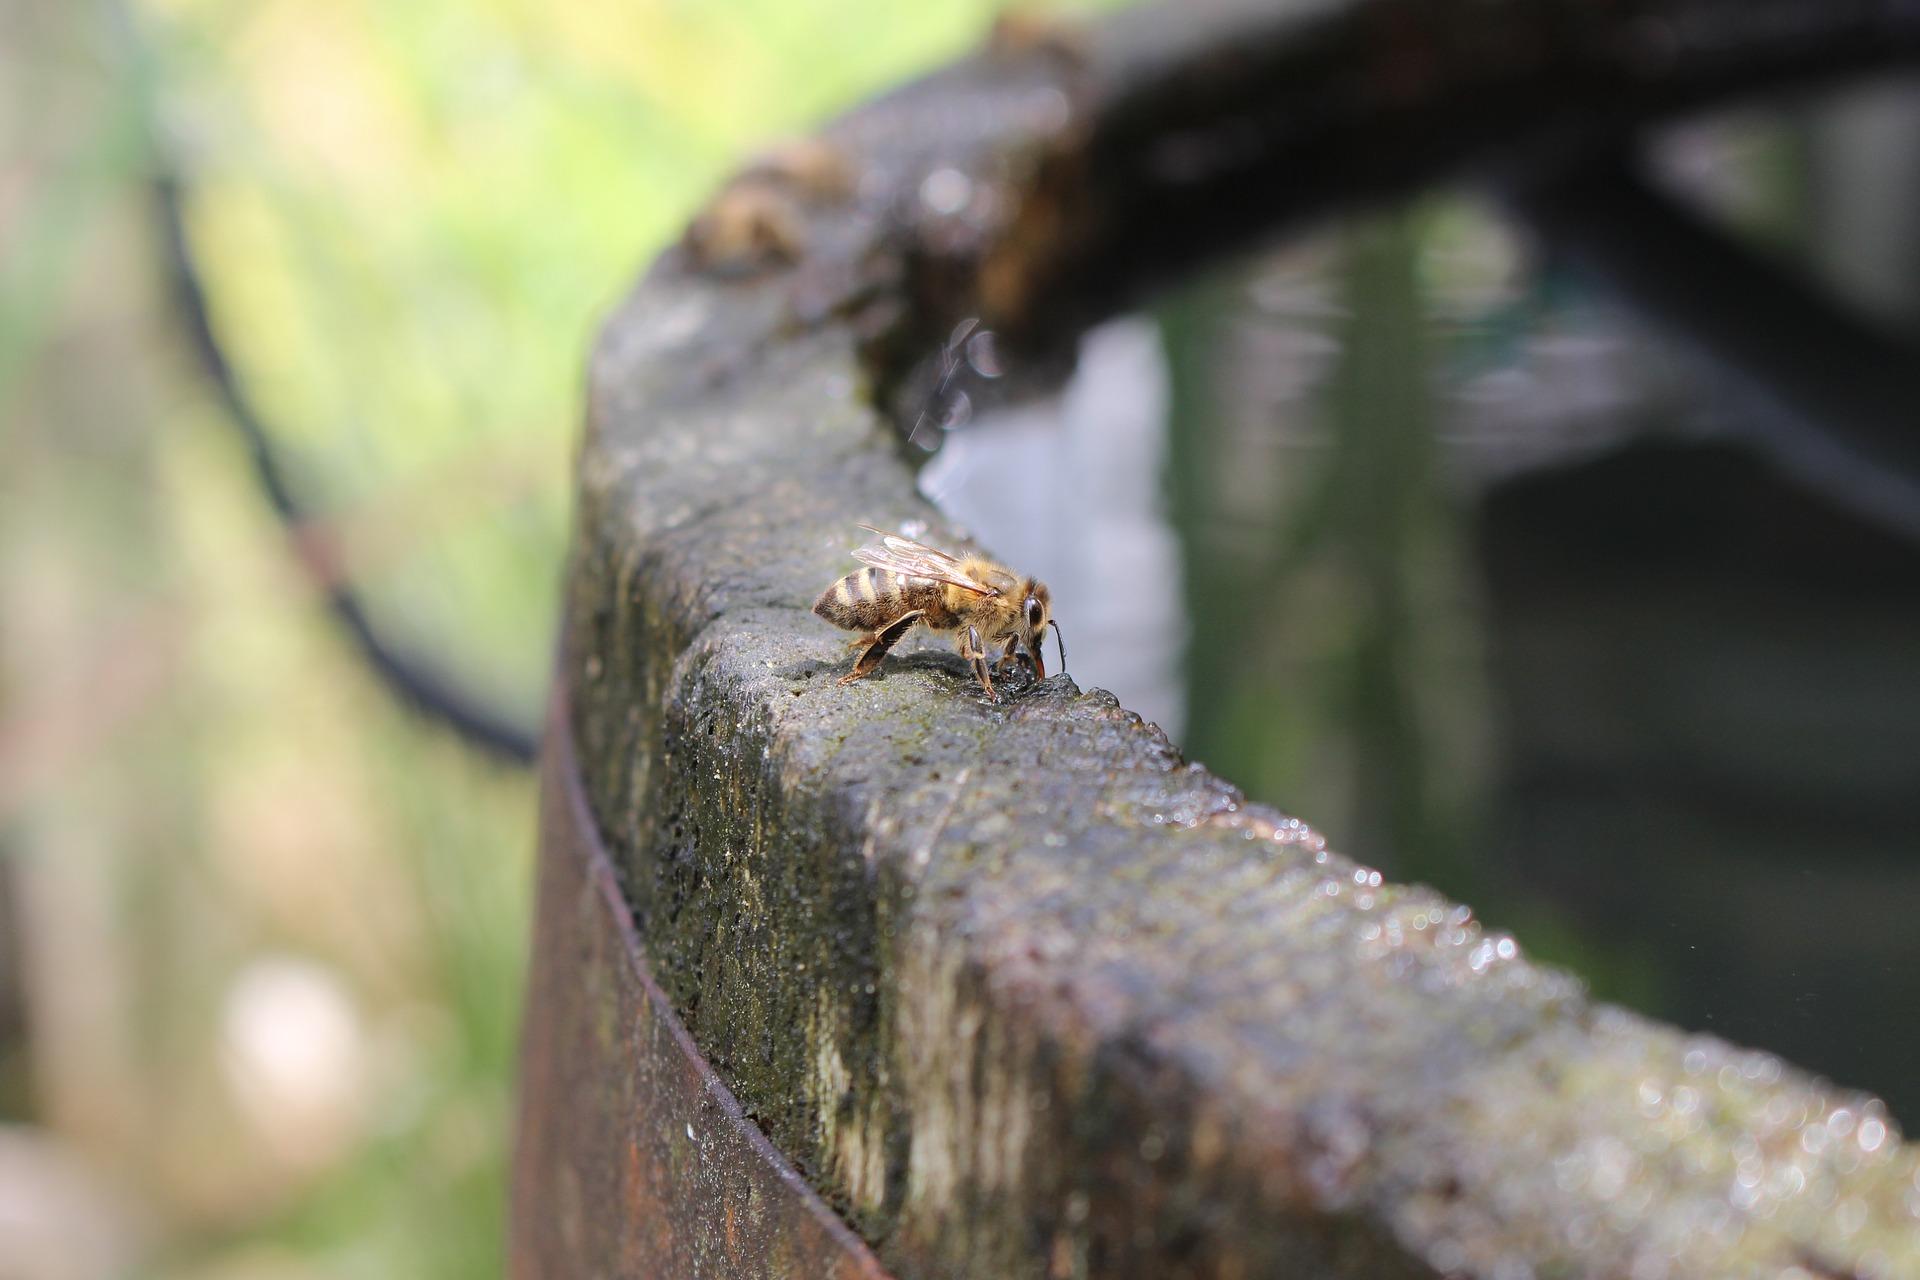 bees-2532952_1920.jpg